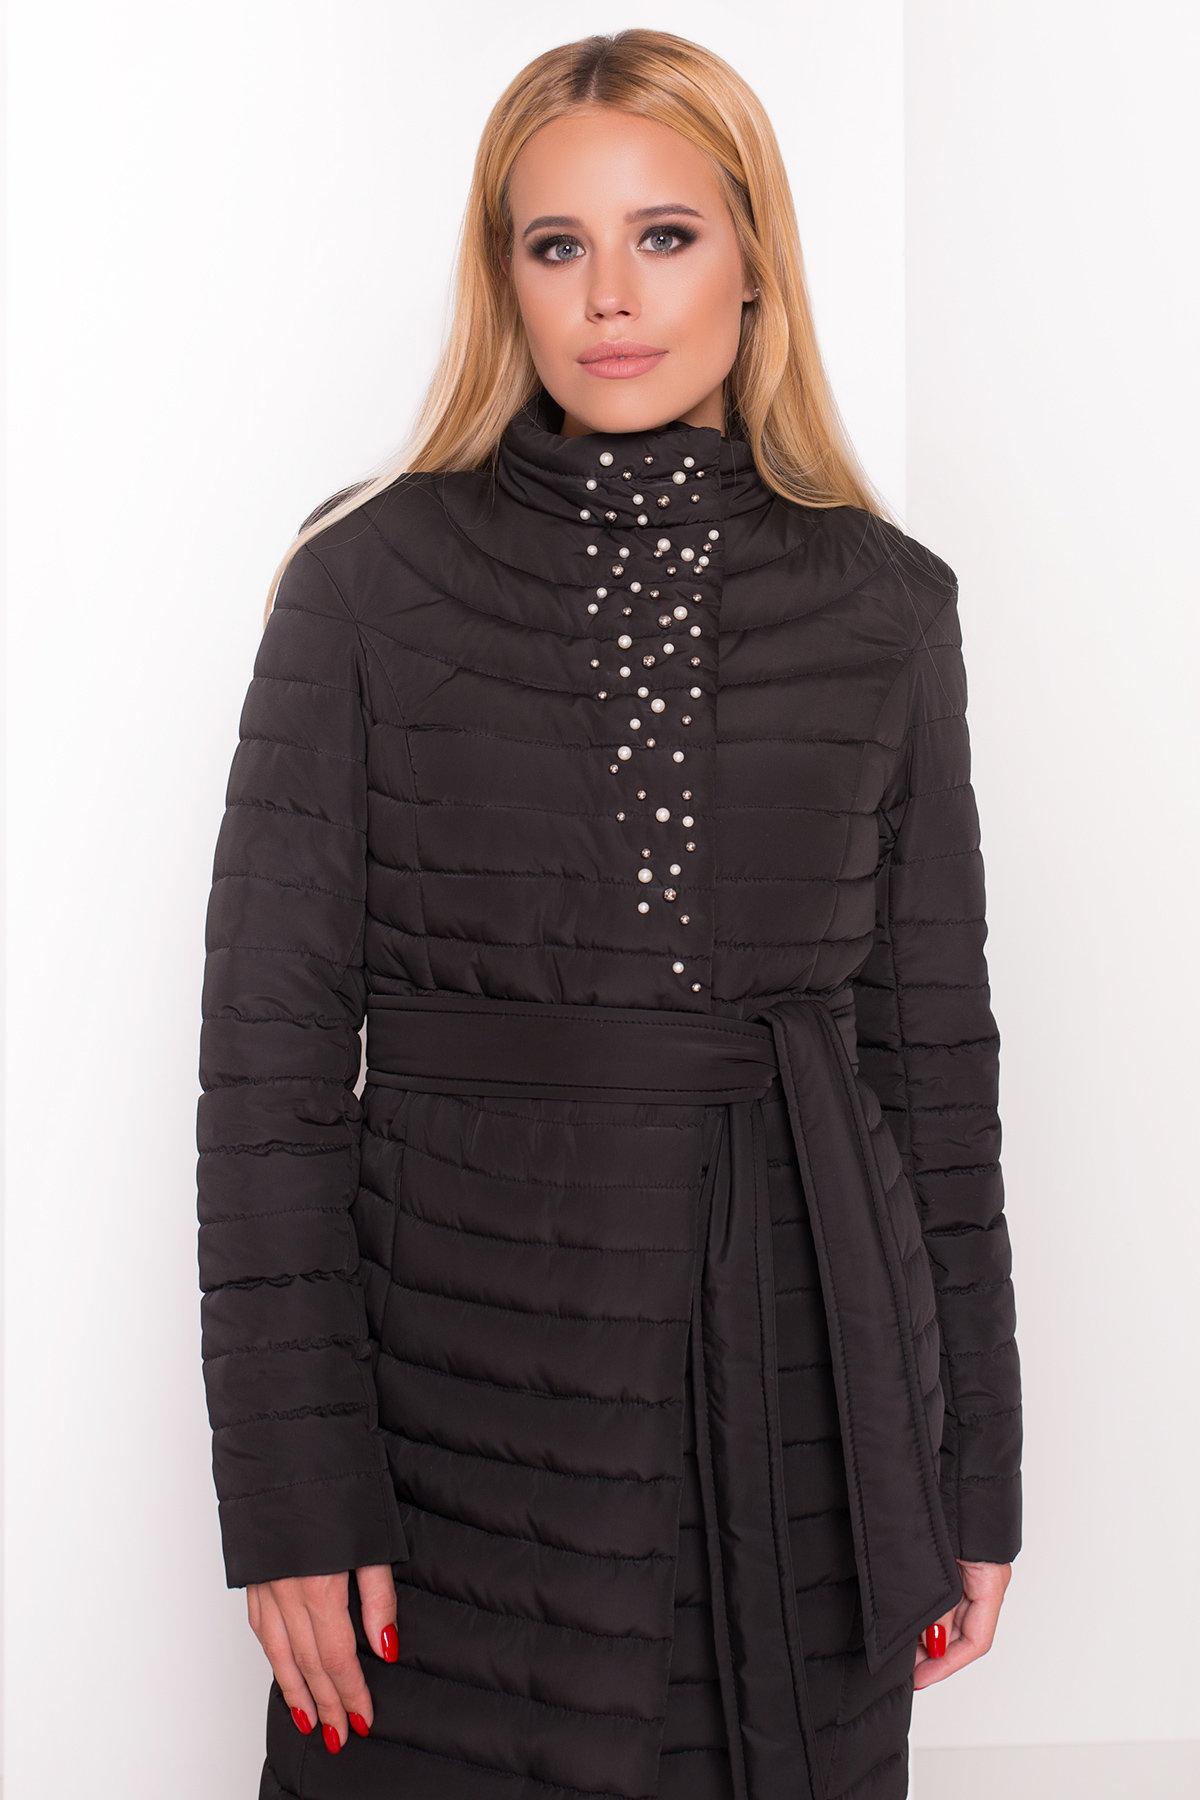 Стильное стеганое пальто Блисс 4520 АРТ. 36585 Цвет: Черный - фото 2, интернет магазин tm-modus.ru